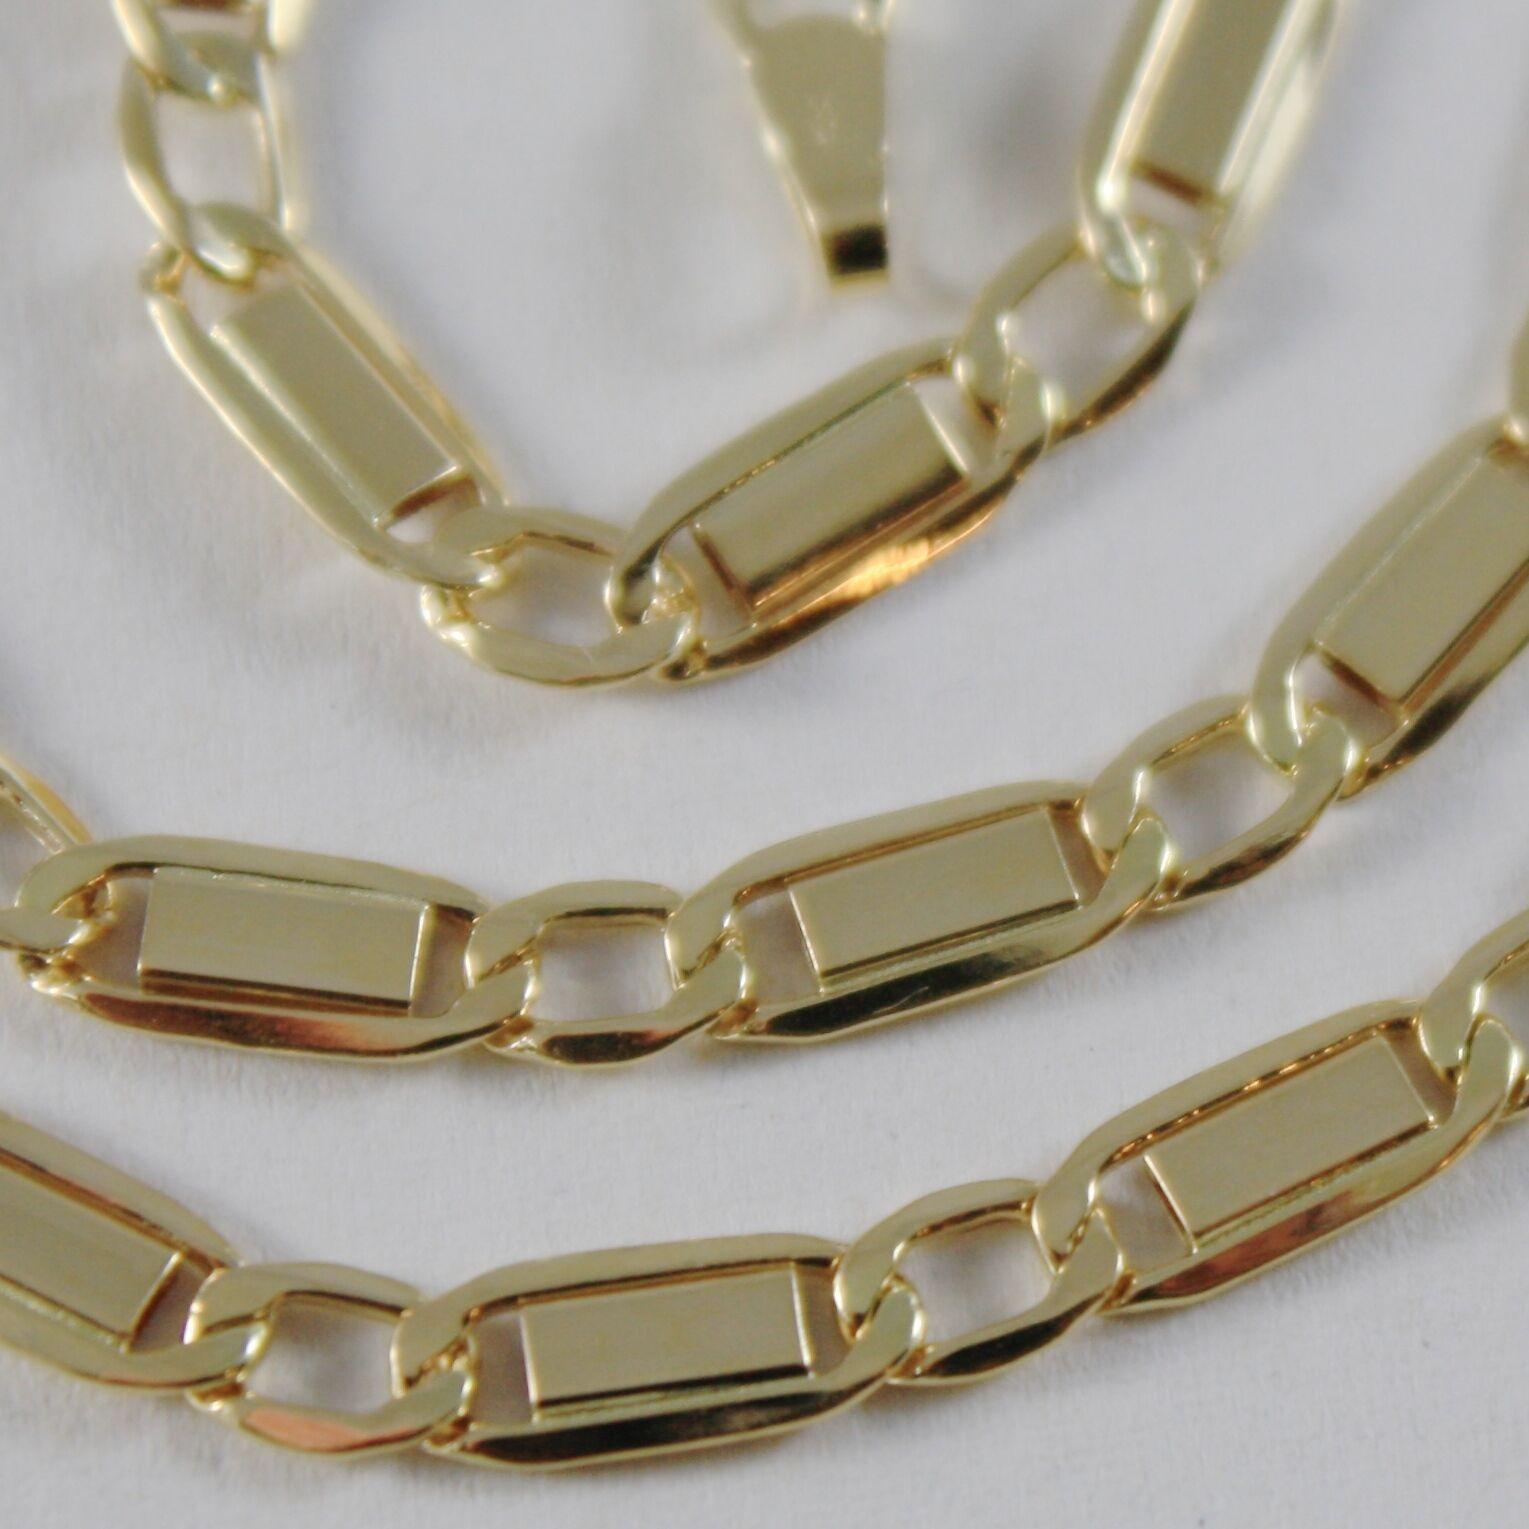 Kette Gelbgold 750 18K, 50 cm, Bordstein und Ovale mit Rechtecke, 4 mm Durchm